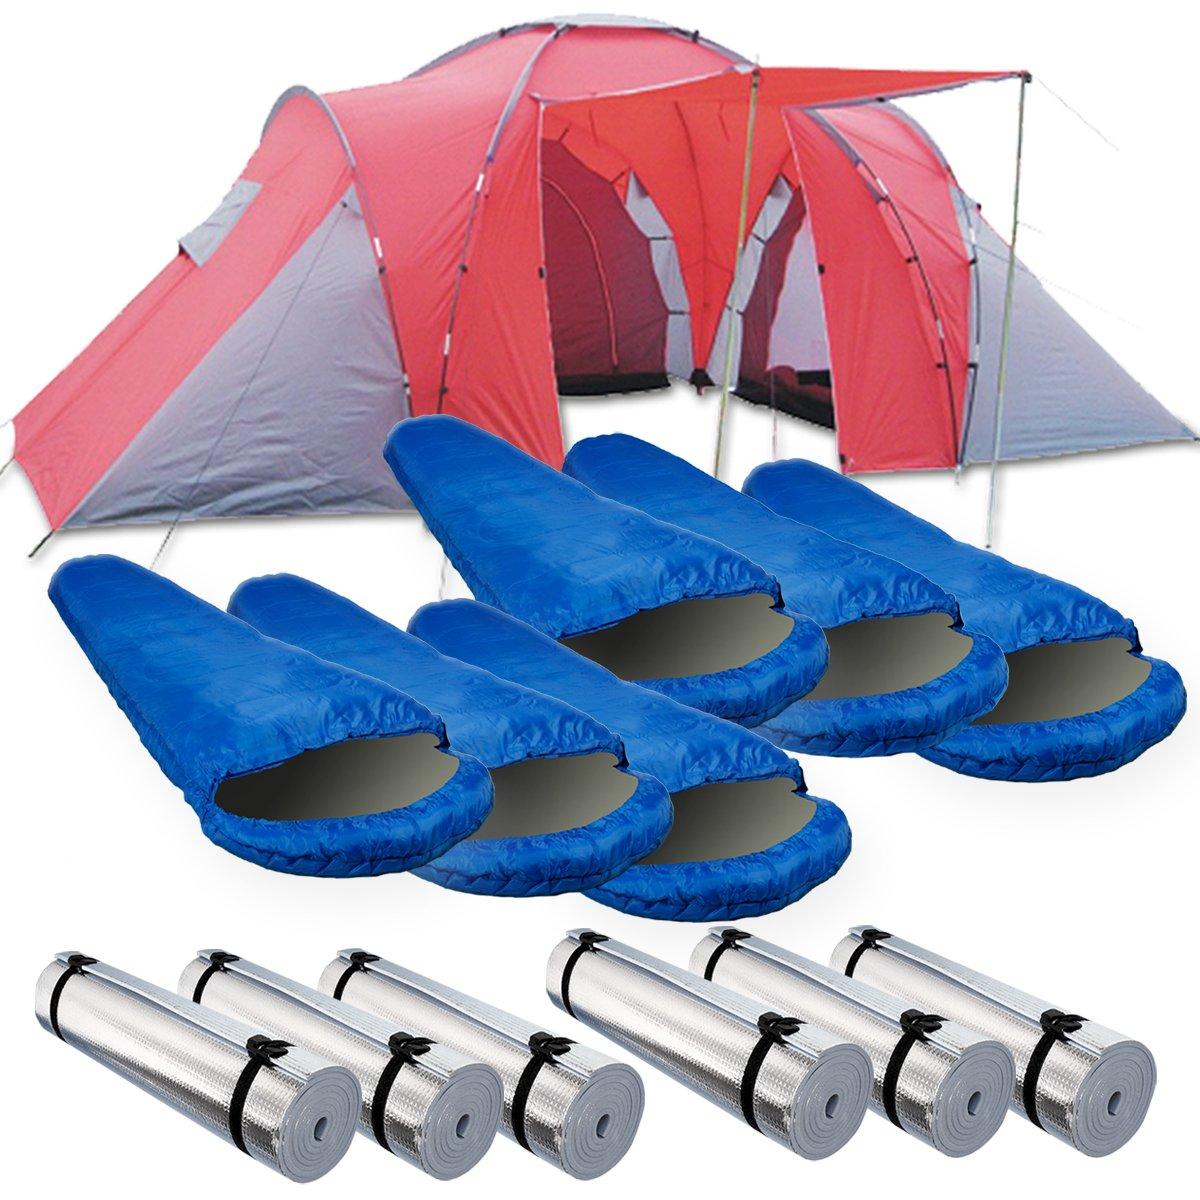 Camping-Komplett-Set / Zeltset bestehend aus Monkey Mountain Family Zelt für 6 Personen 6 x Isomatte + 6 x Mumienschlafsack